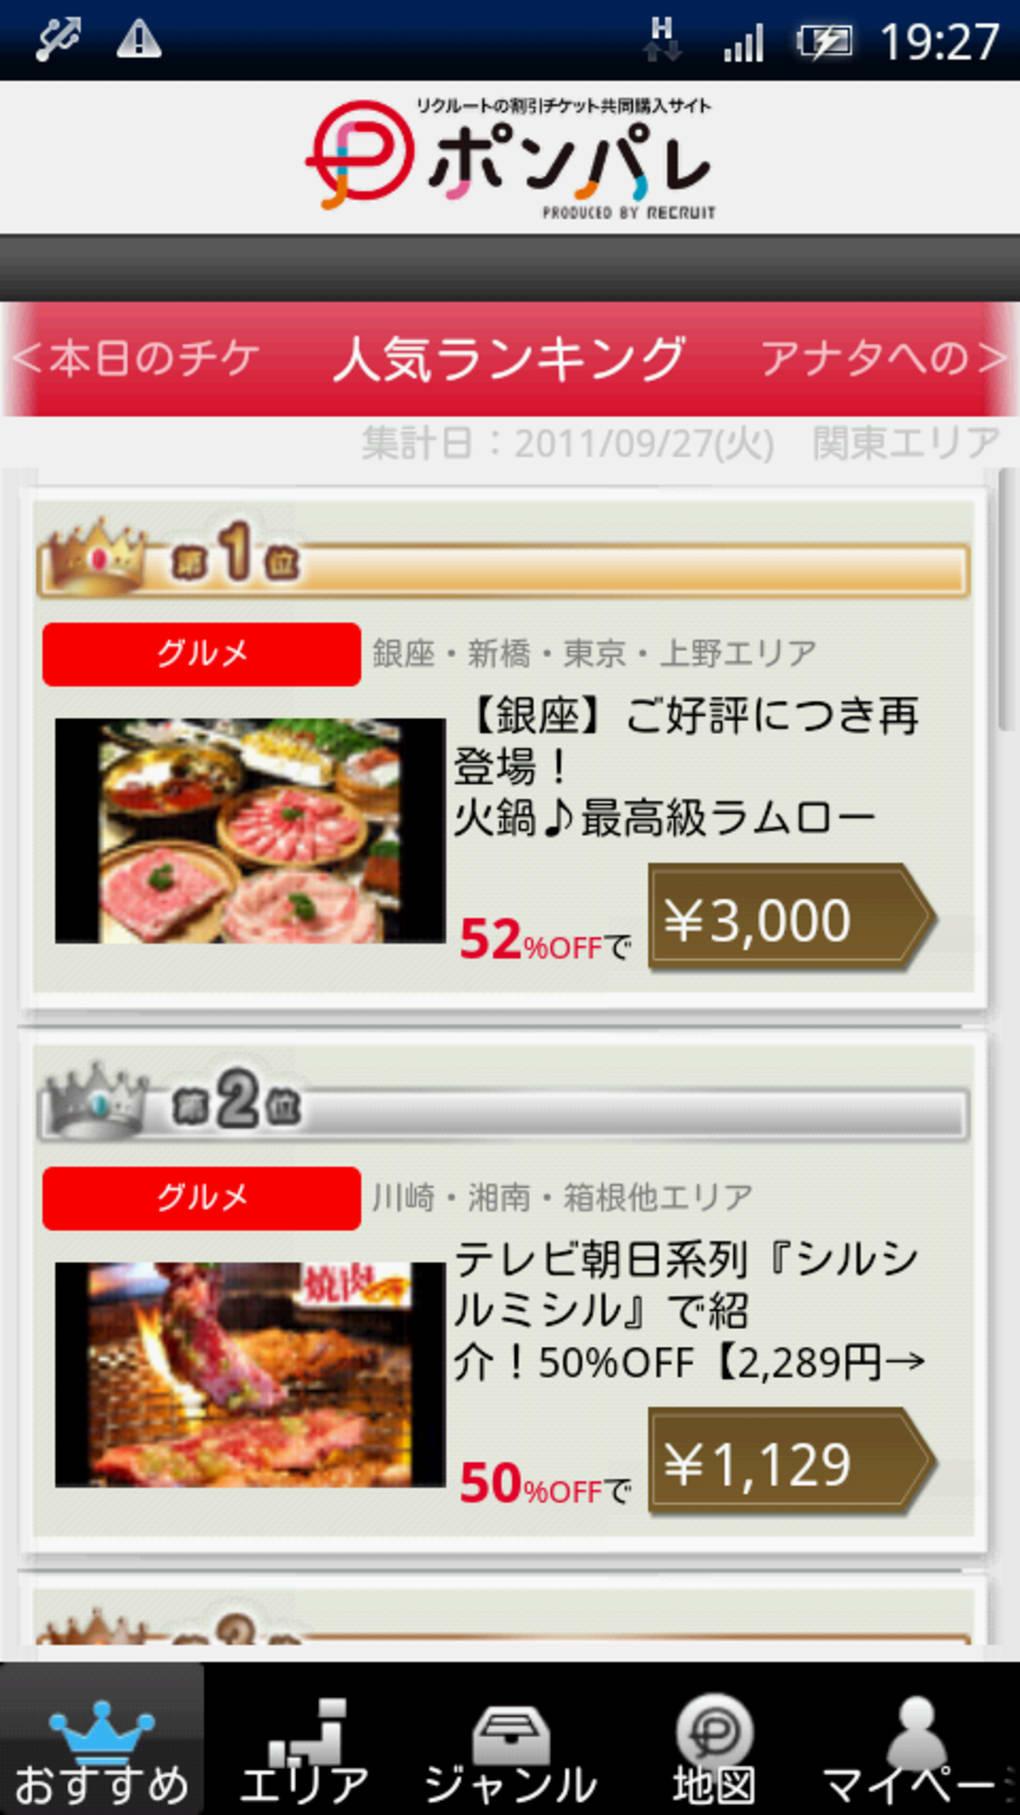 ポンパレ for Android - ダウンロード